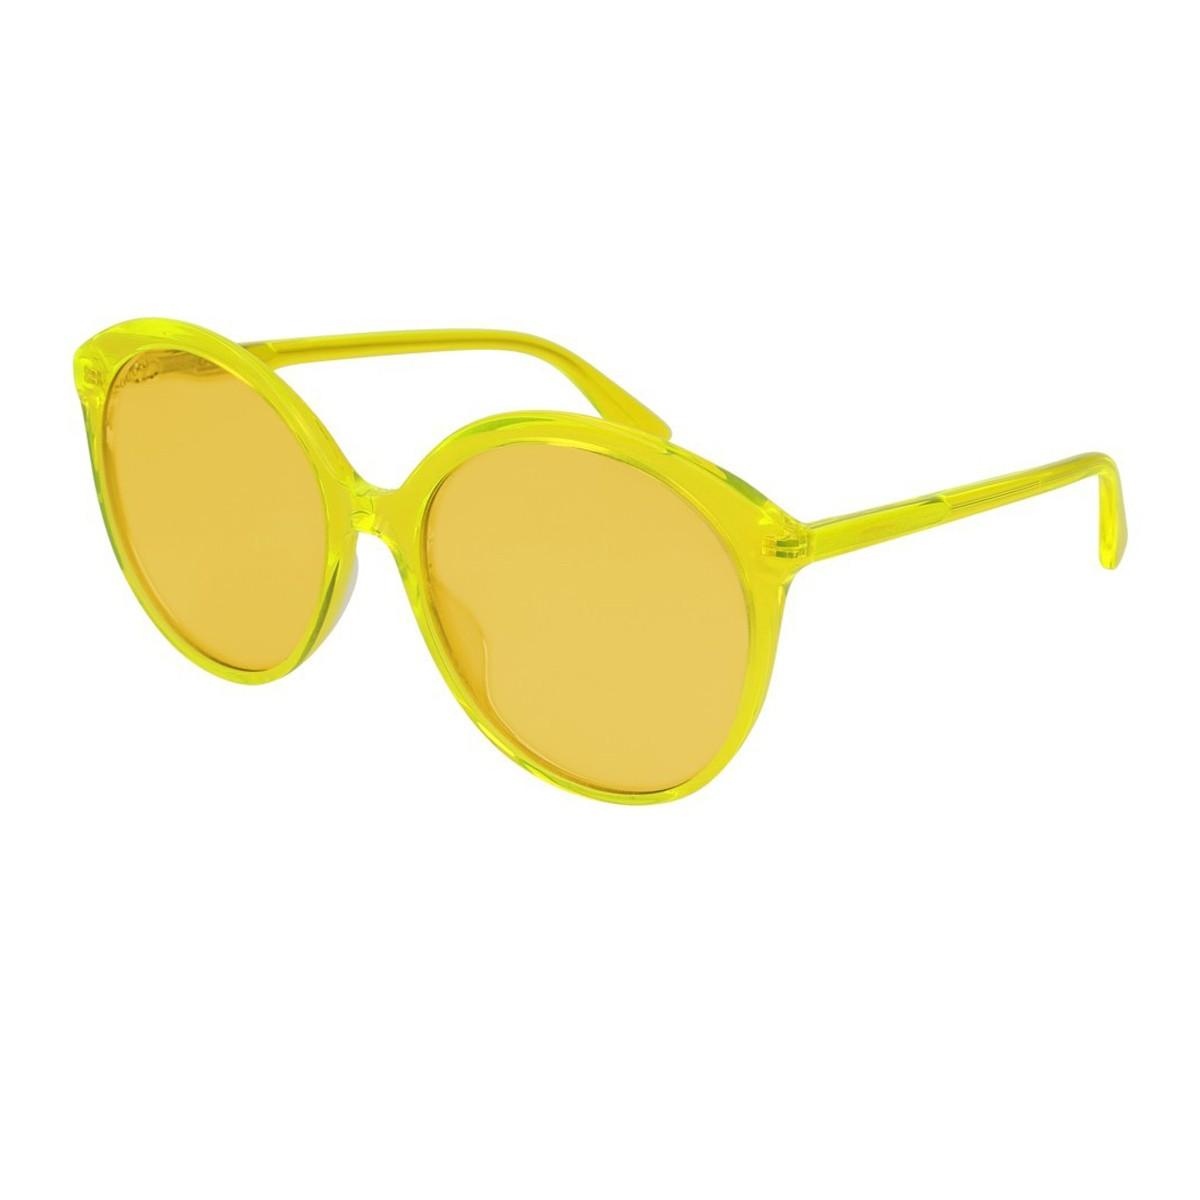 Gucci GG0257S   Women's sunglasses